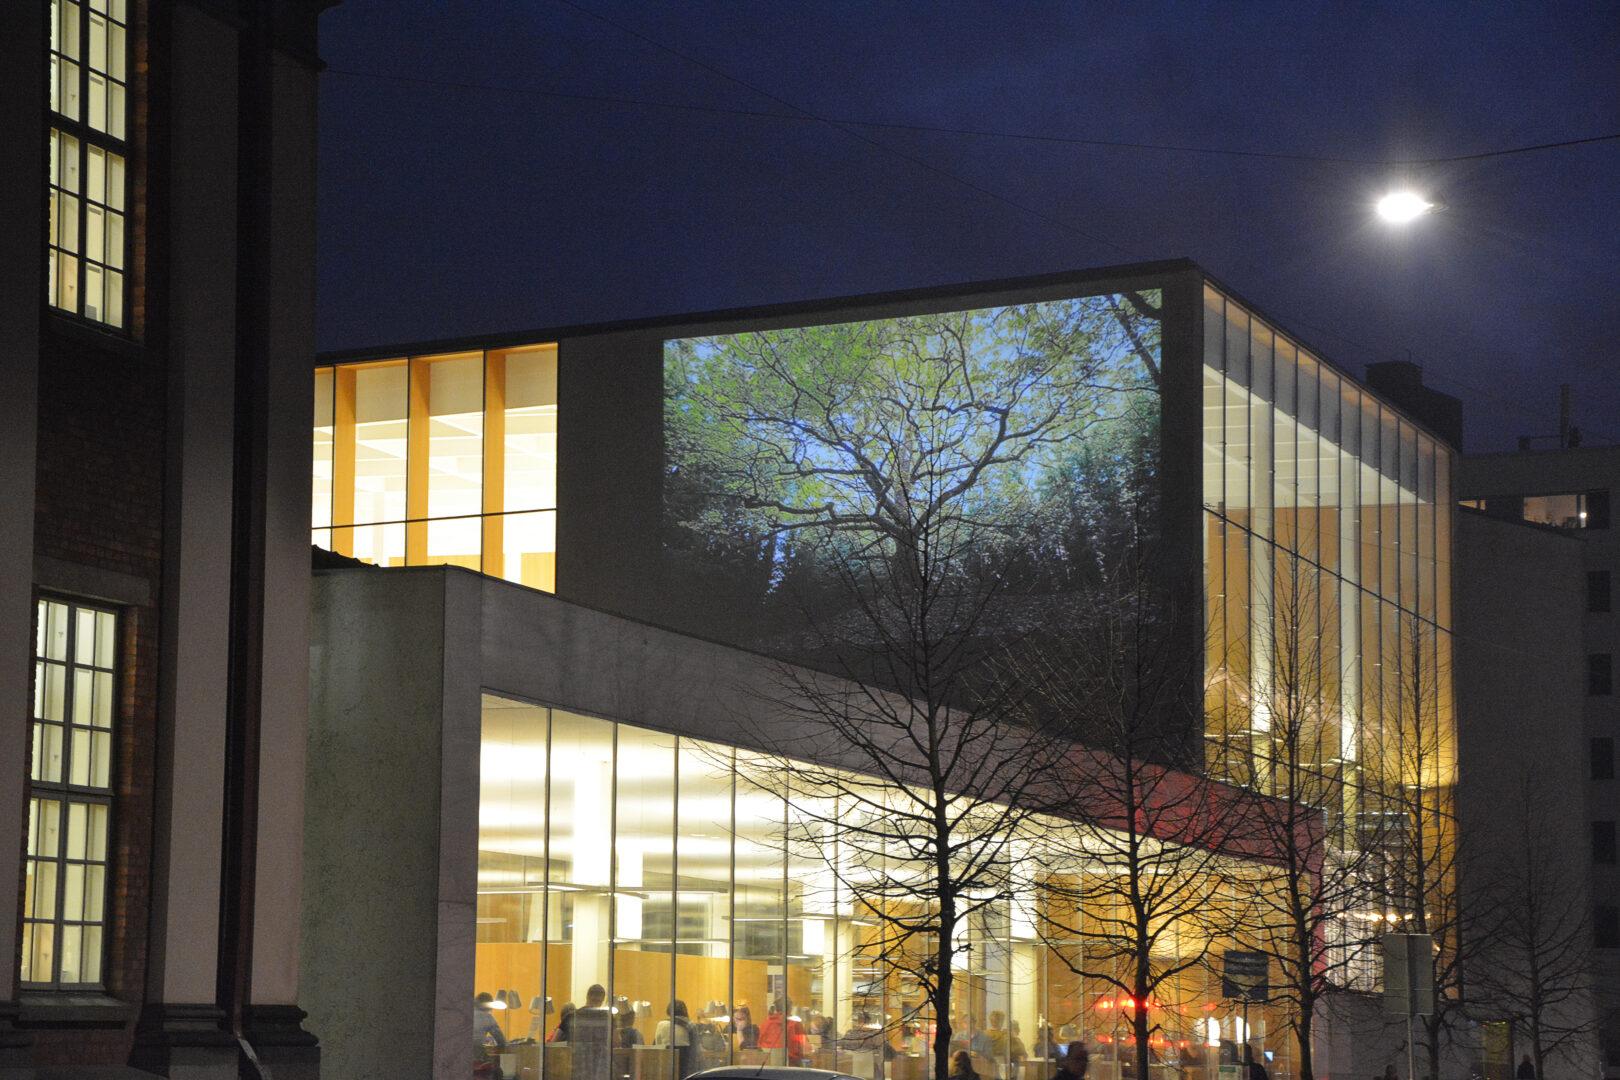 Turun kaupunginkirjasto